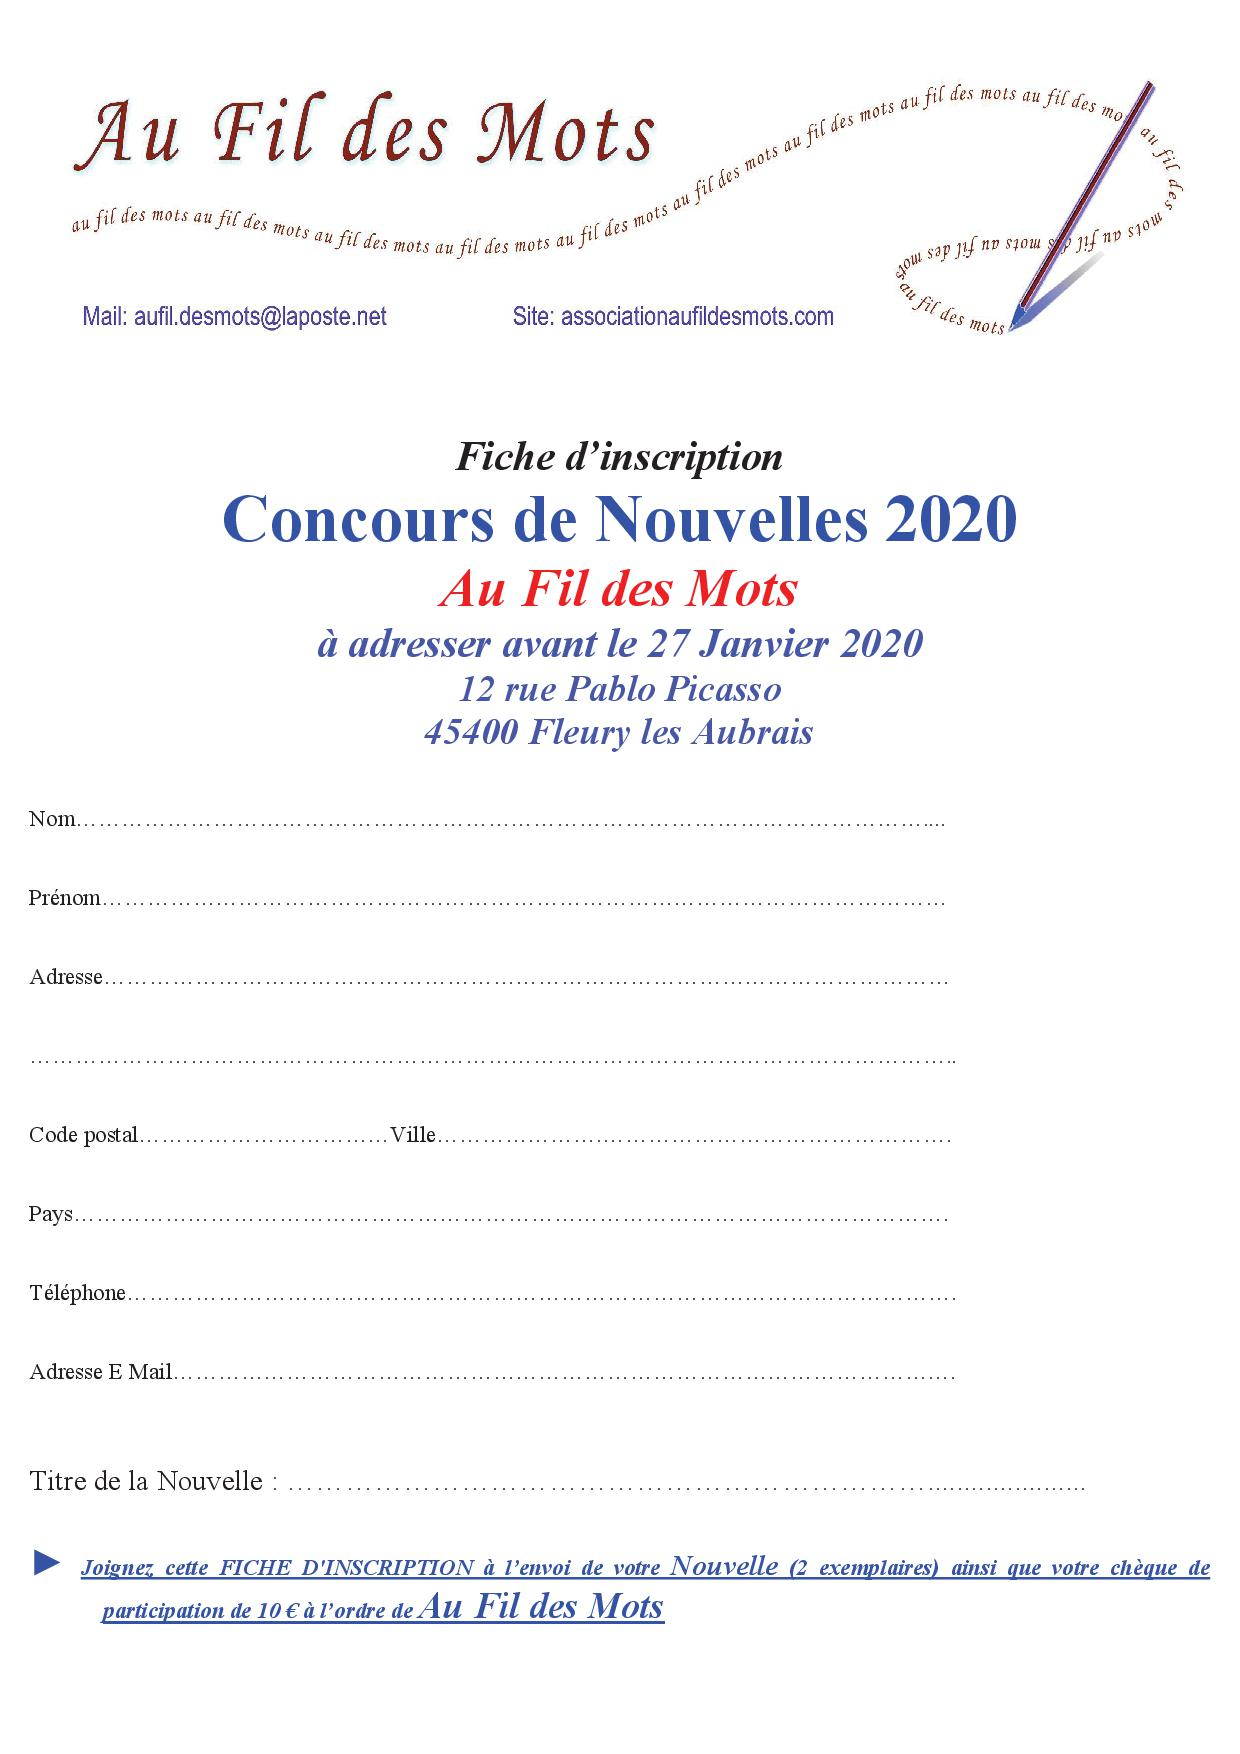 Réglement_Concours_20202